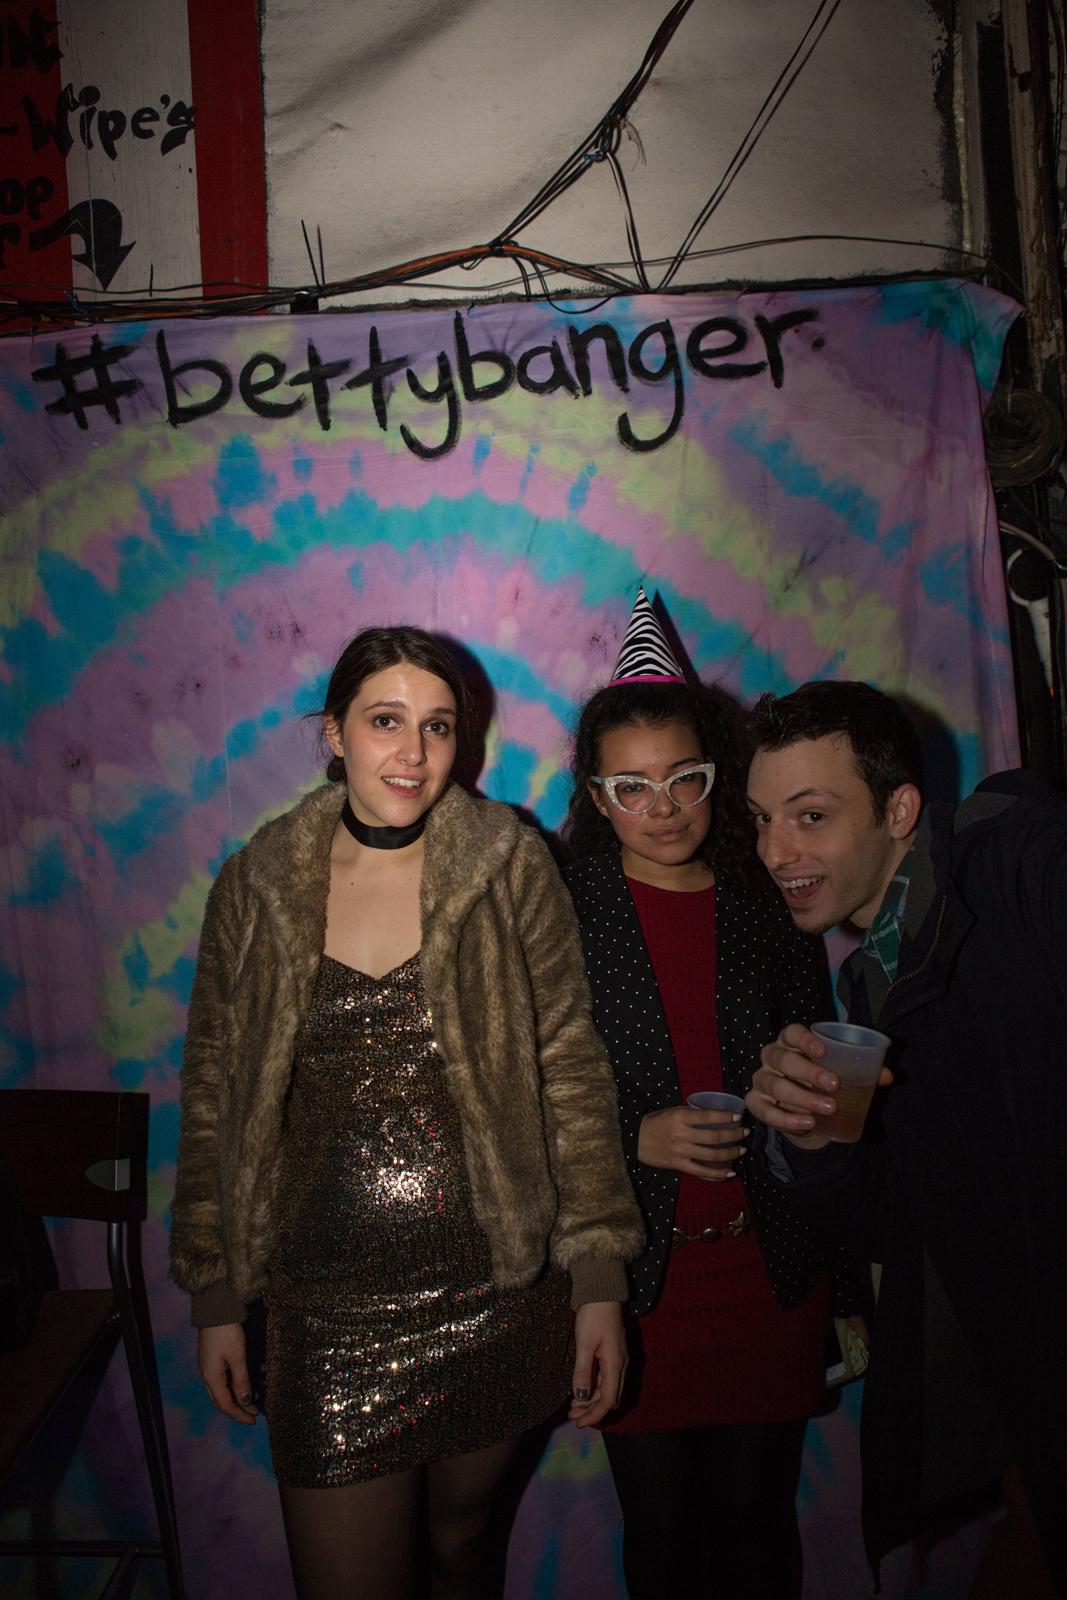 BettyzBanger-68.jpg